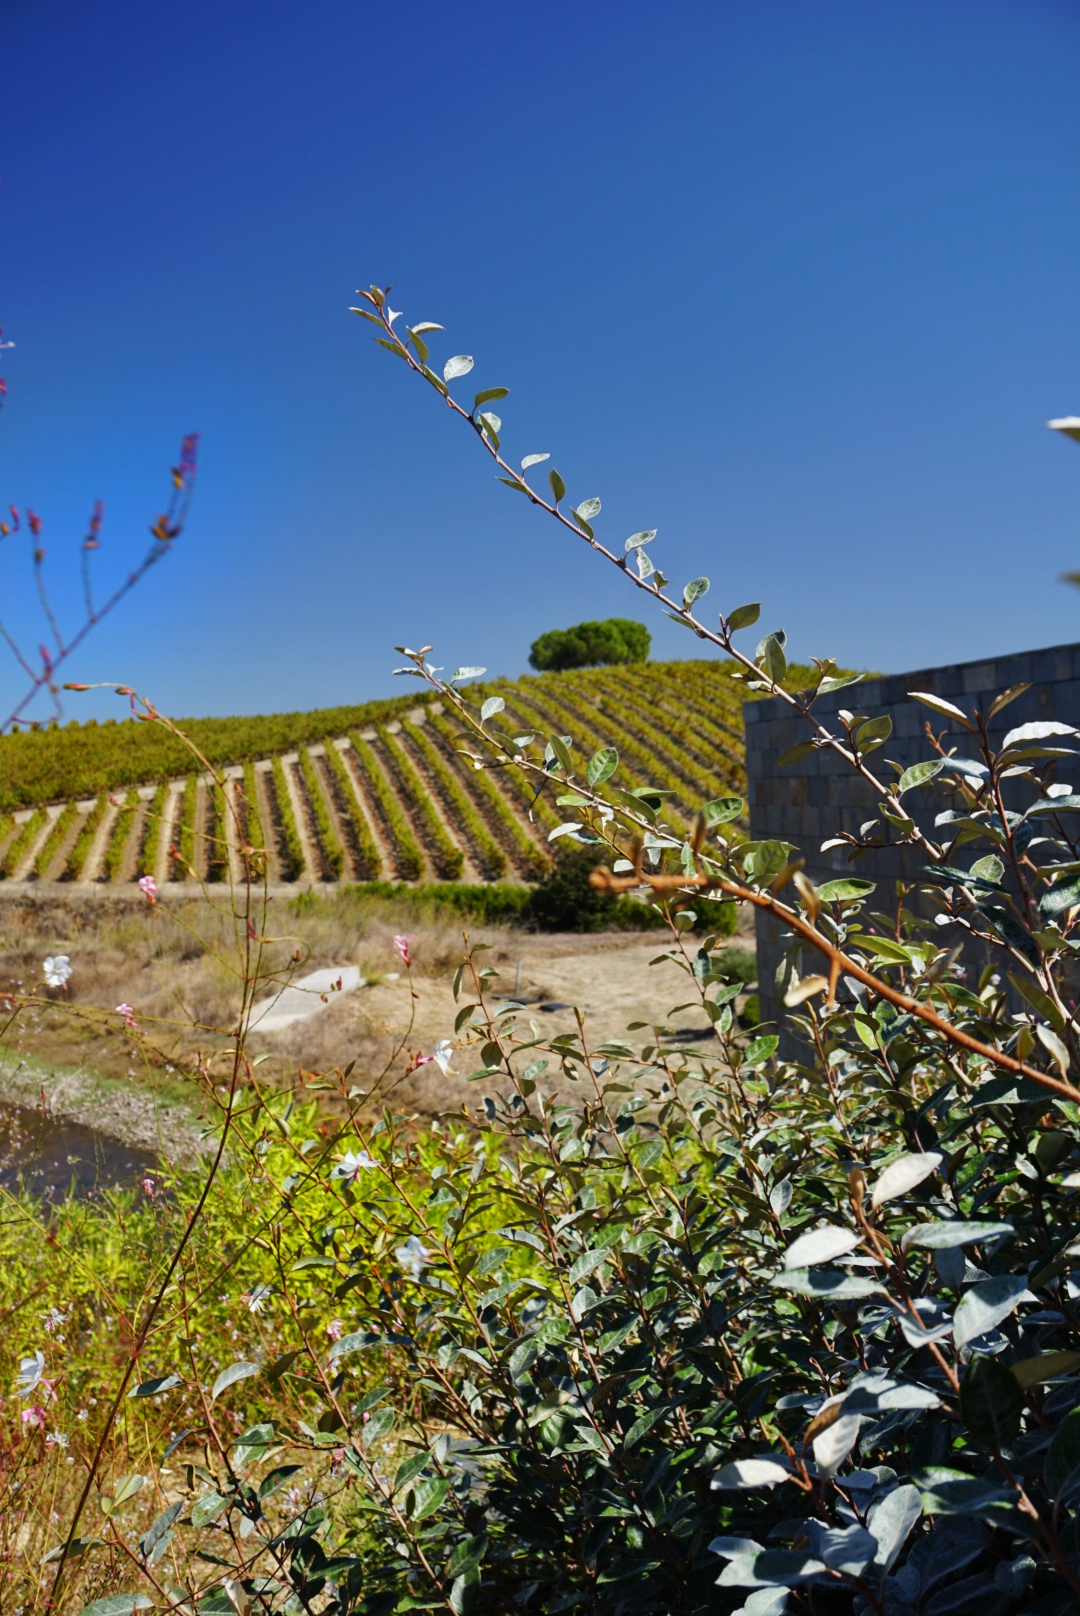 Wine tasting in Portugal - Alentejo Mertola